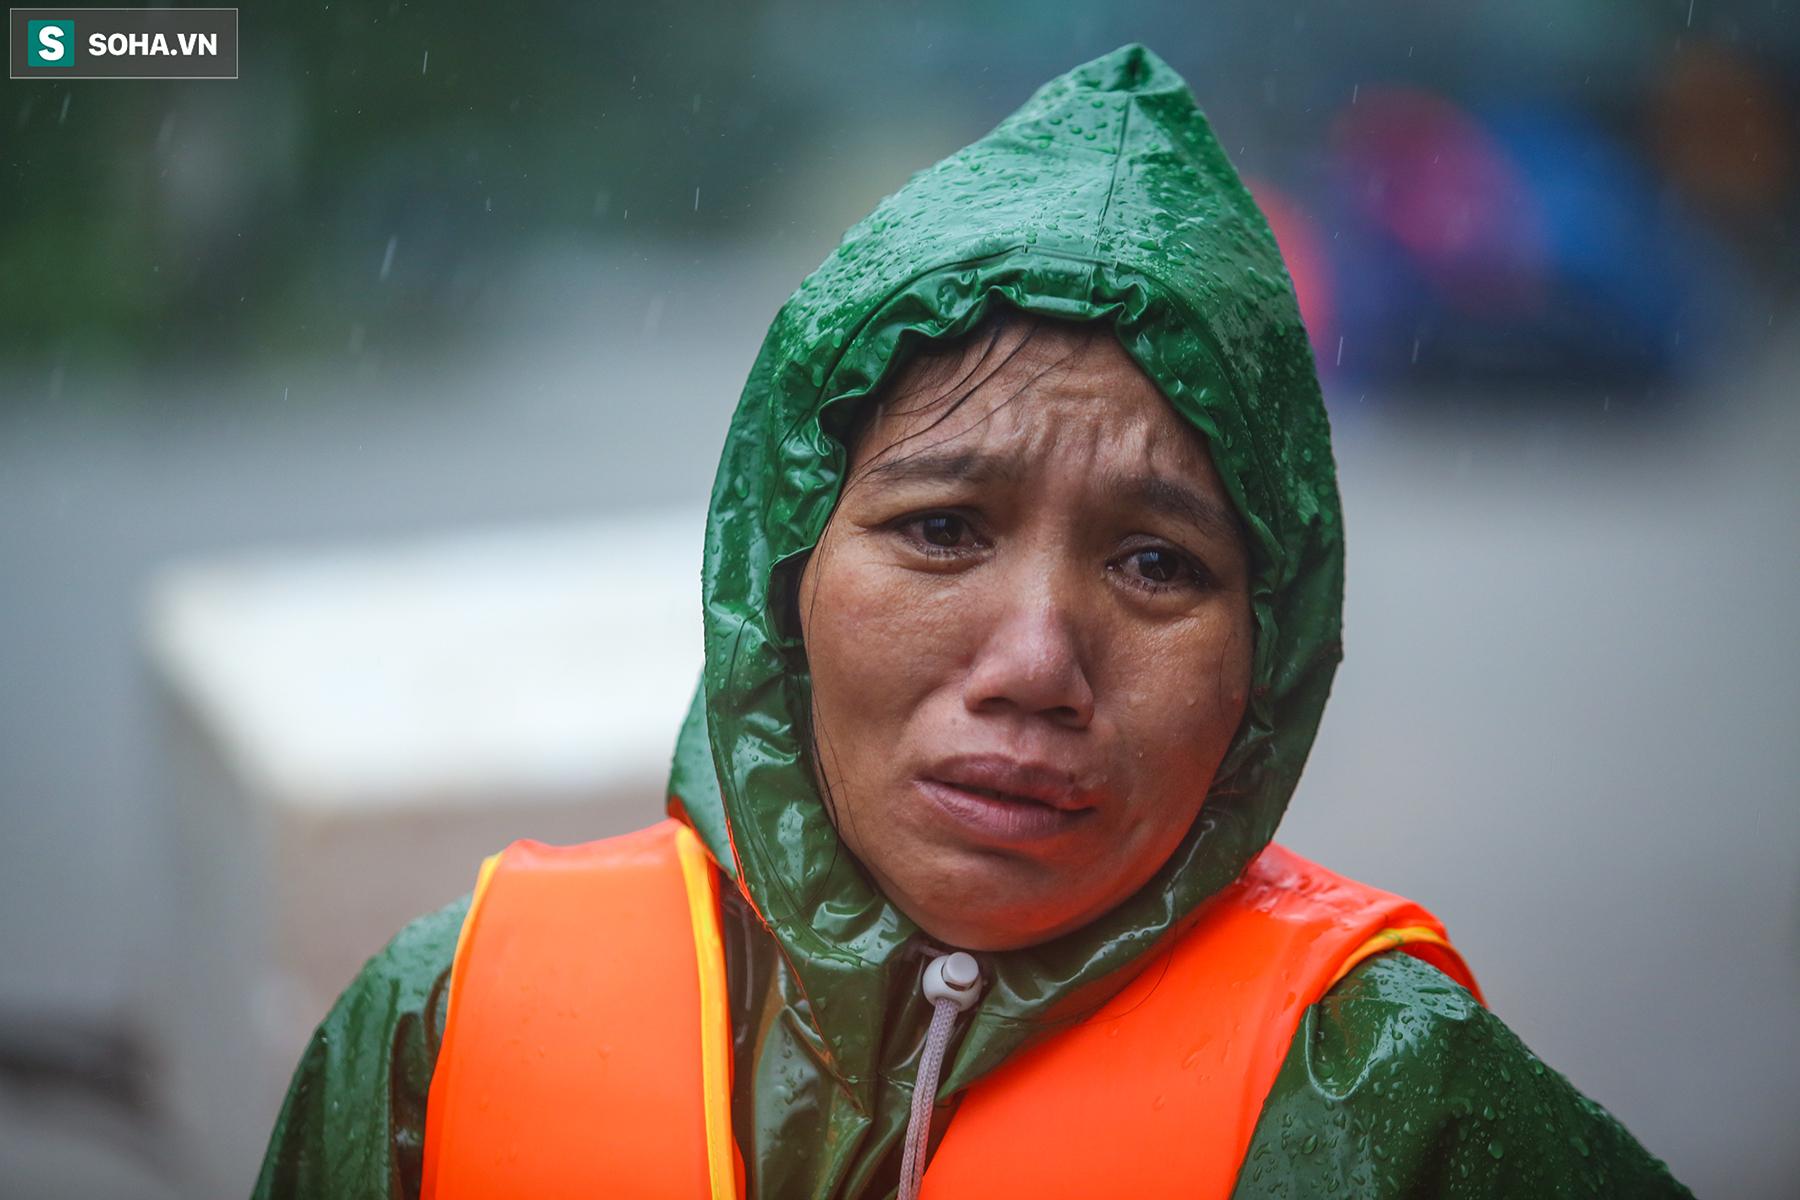 [Ảnh] Người phụ nữ ở Quảng Bình lao ra dòng nước lũ xin đồ ăn cho mẹ già bật khóc khi được cứu hộ khỏi ghe lật  - Ảnh 2.